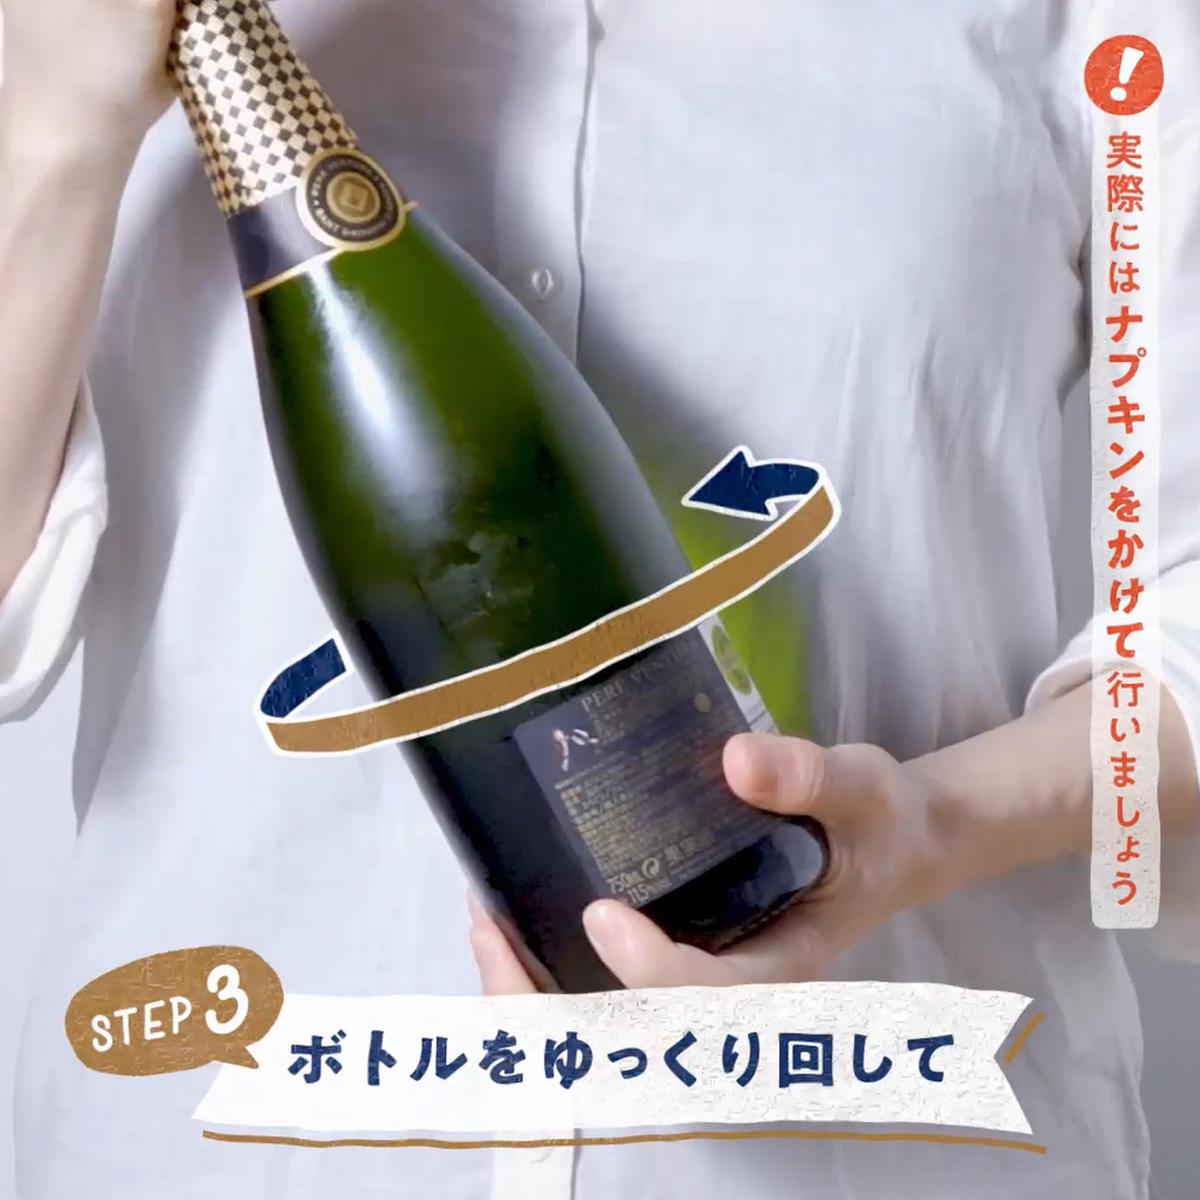 スパークリングワインの開け方_ボトルをゆっくり回す